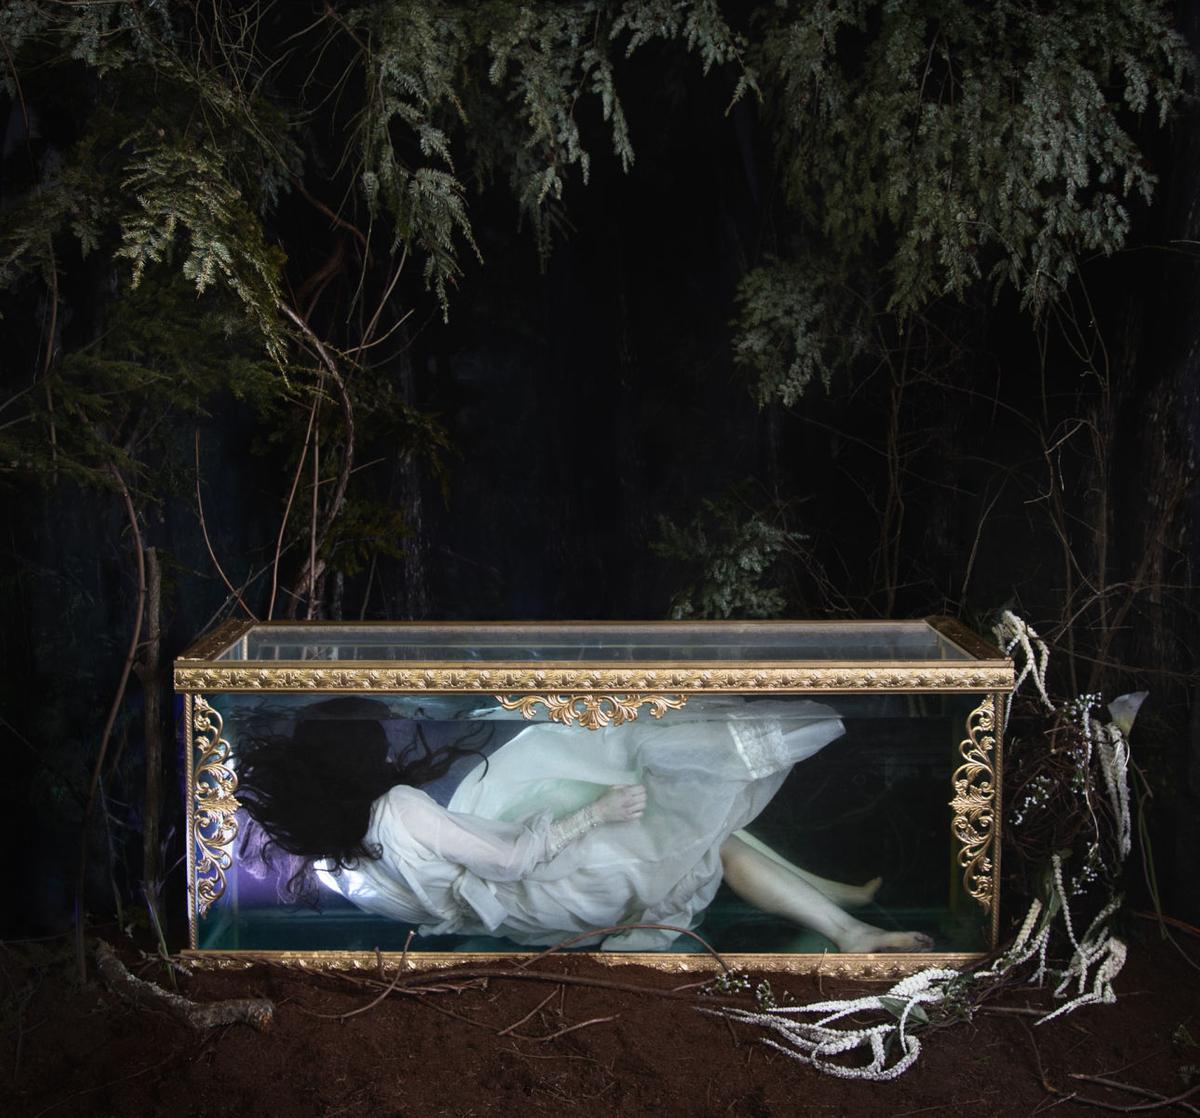 Snow Whites Long Sleep